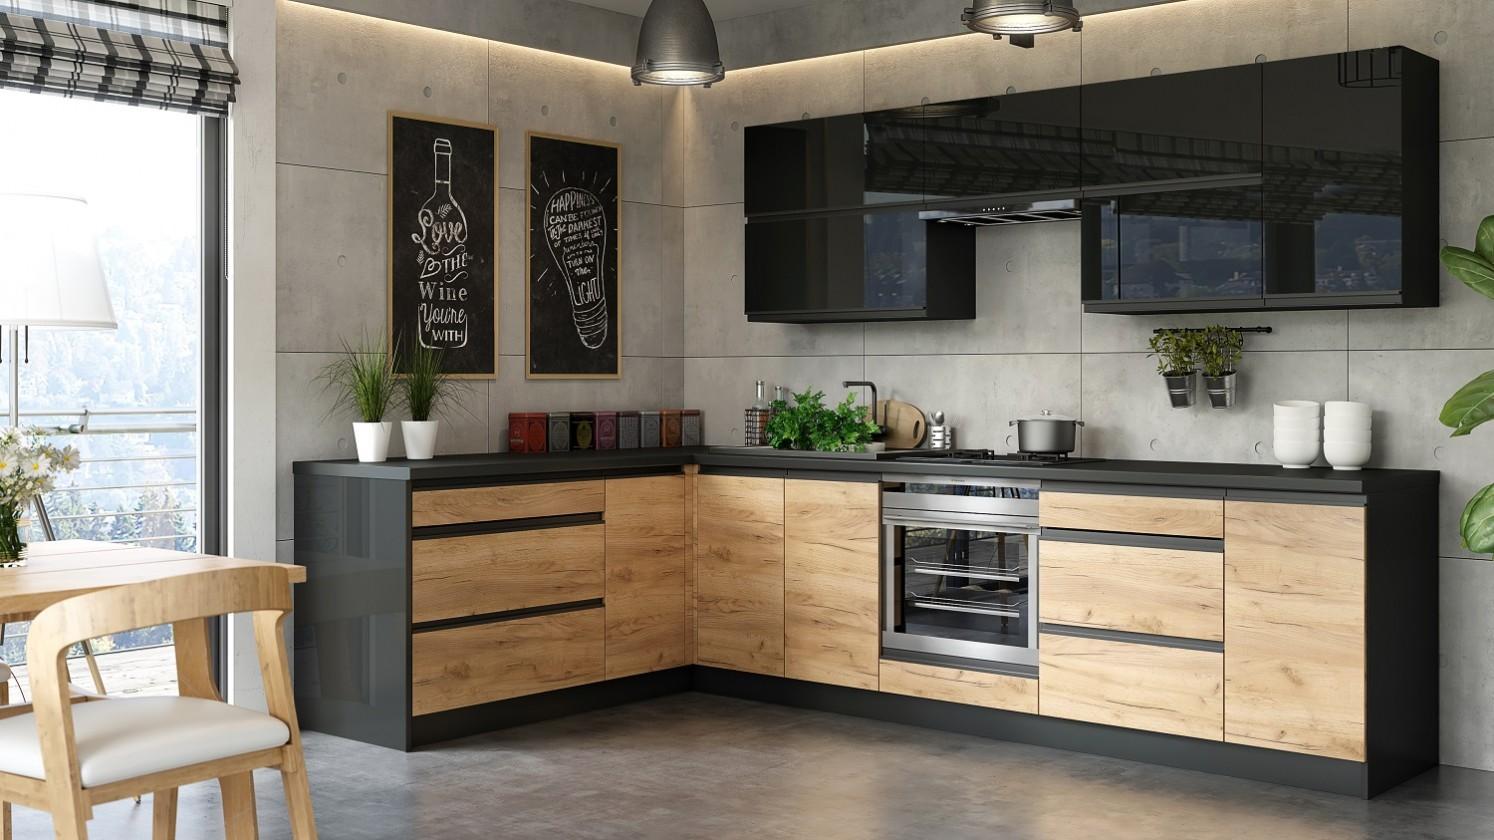 Rohová Rohová kuchyně Brick levý roh 300x182 cm (černá lesk/craft)